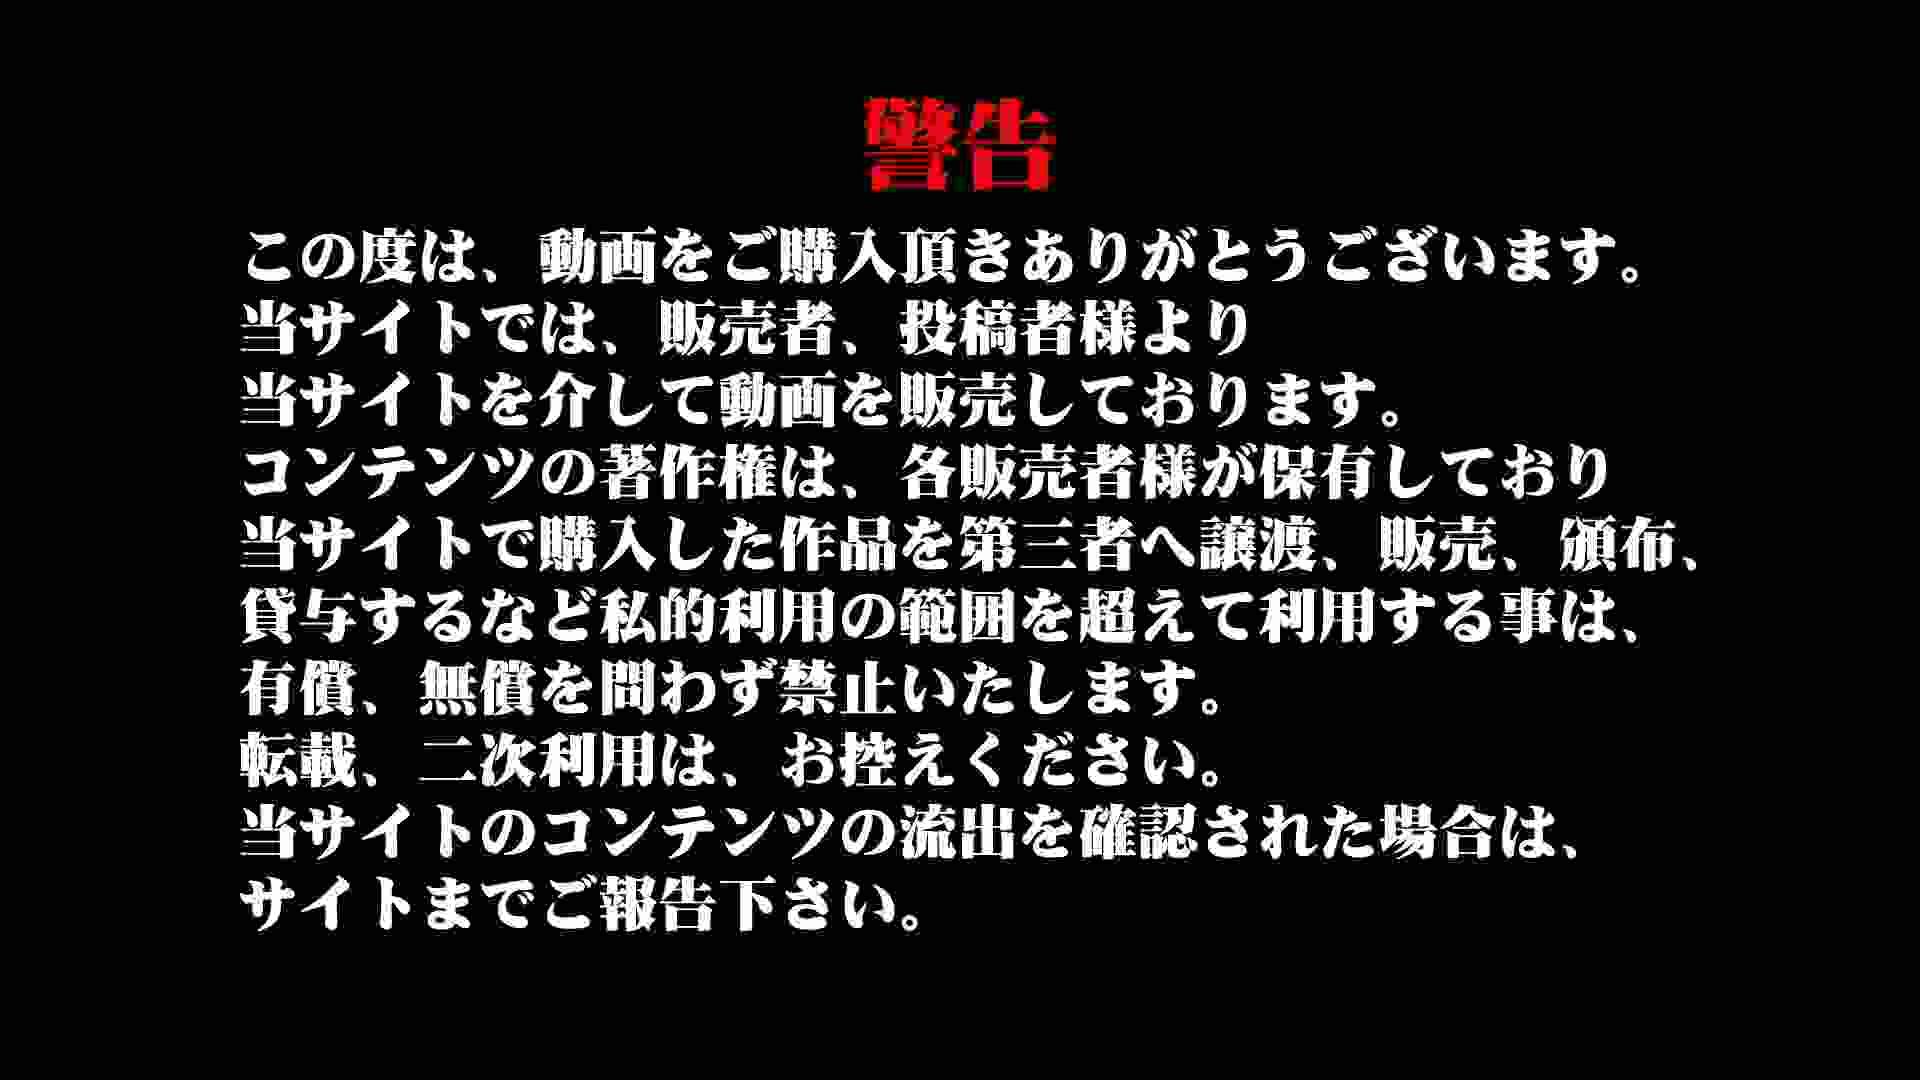 Aquaな露天風呂Vol.895 盗撮シリーズ  101PIX 38